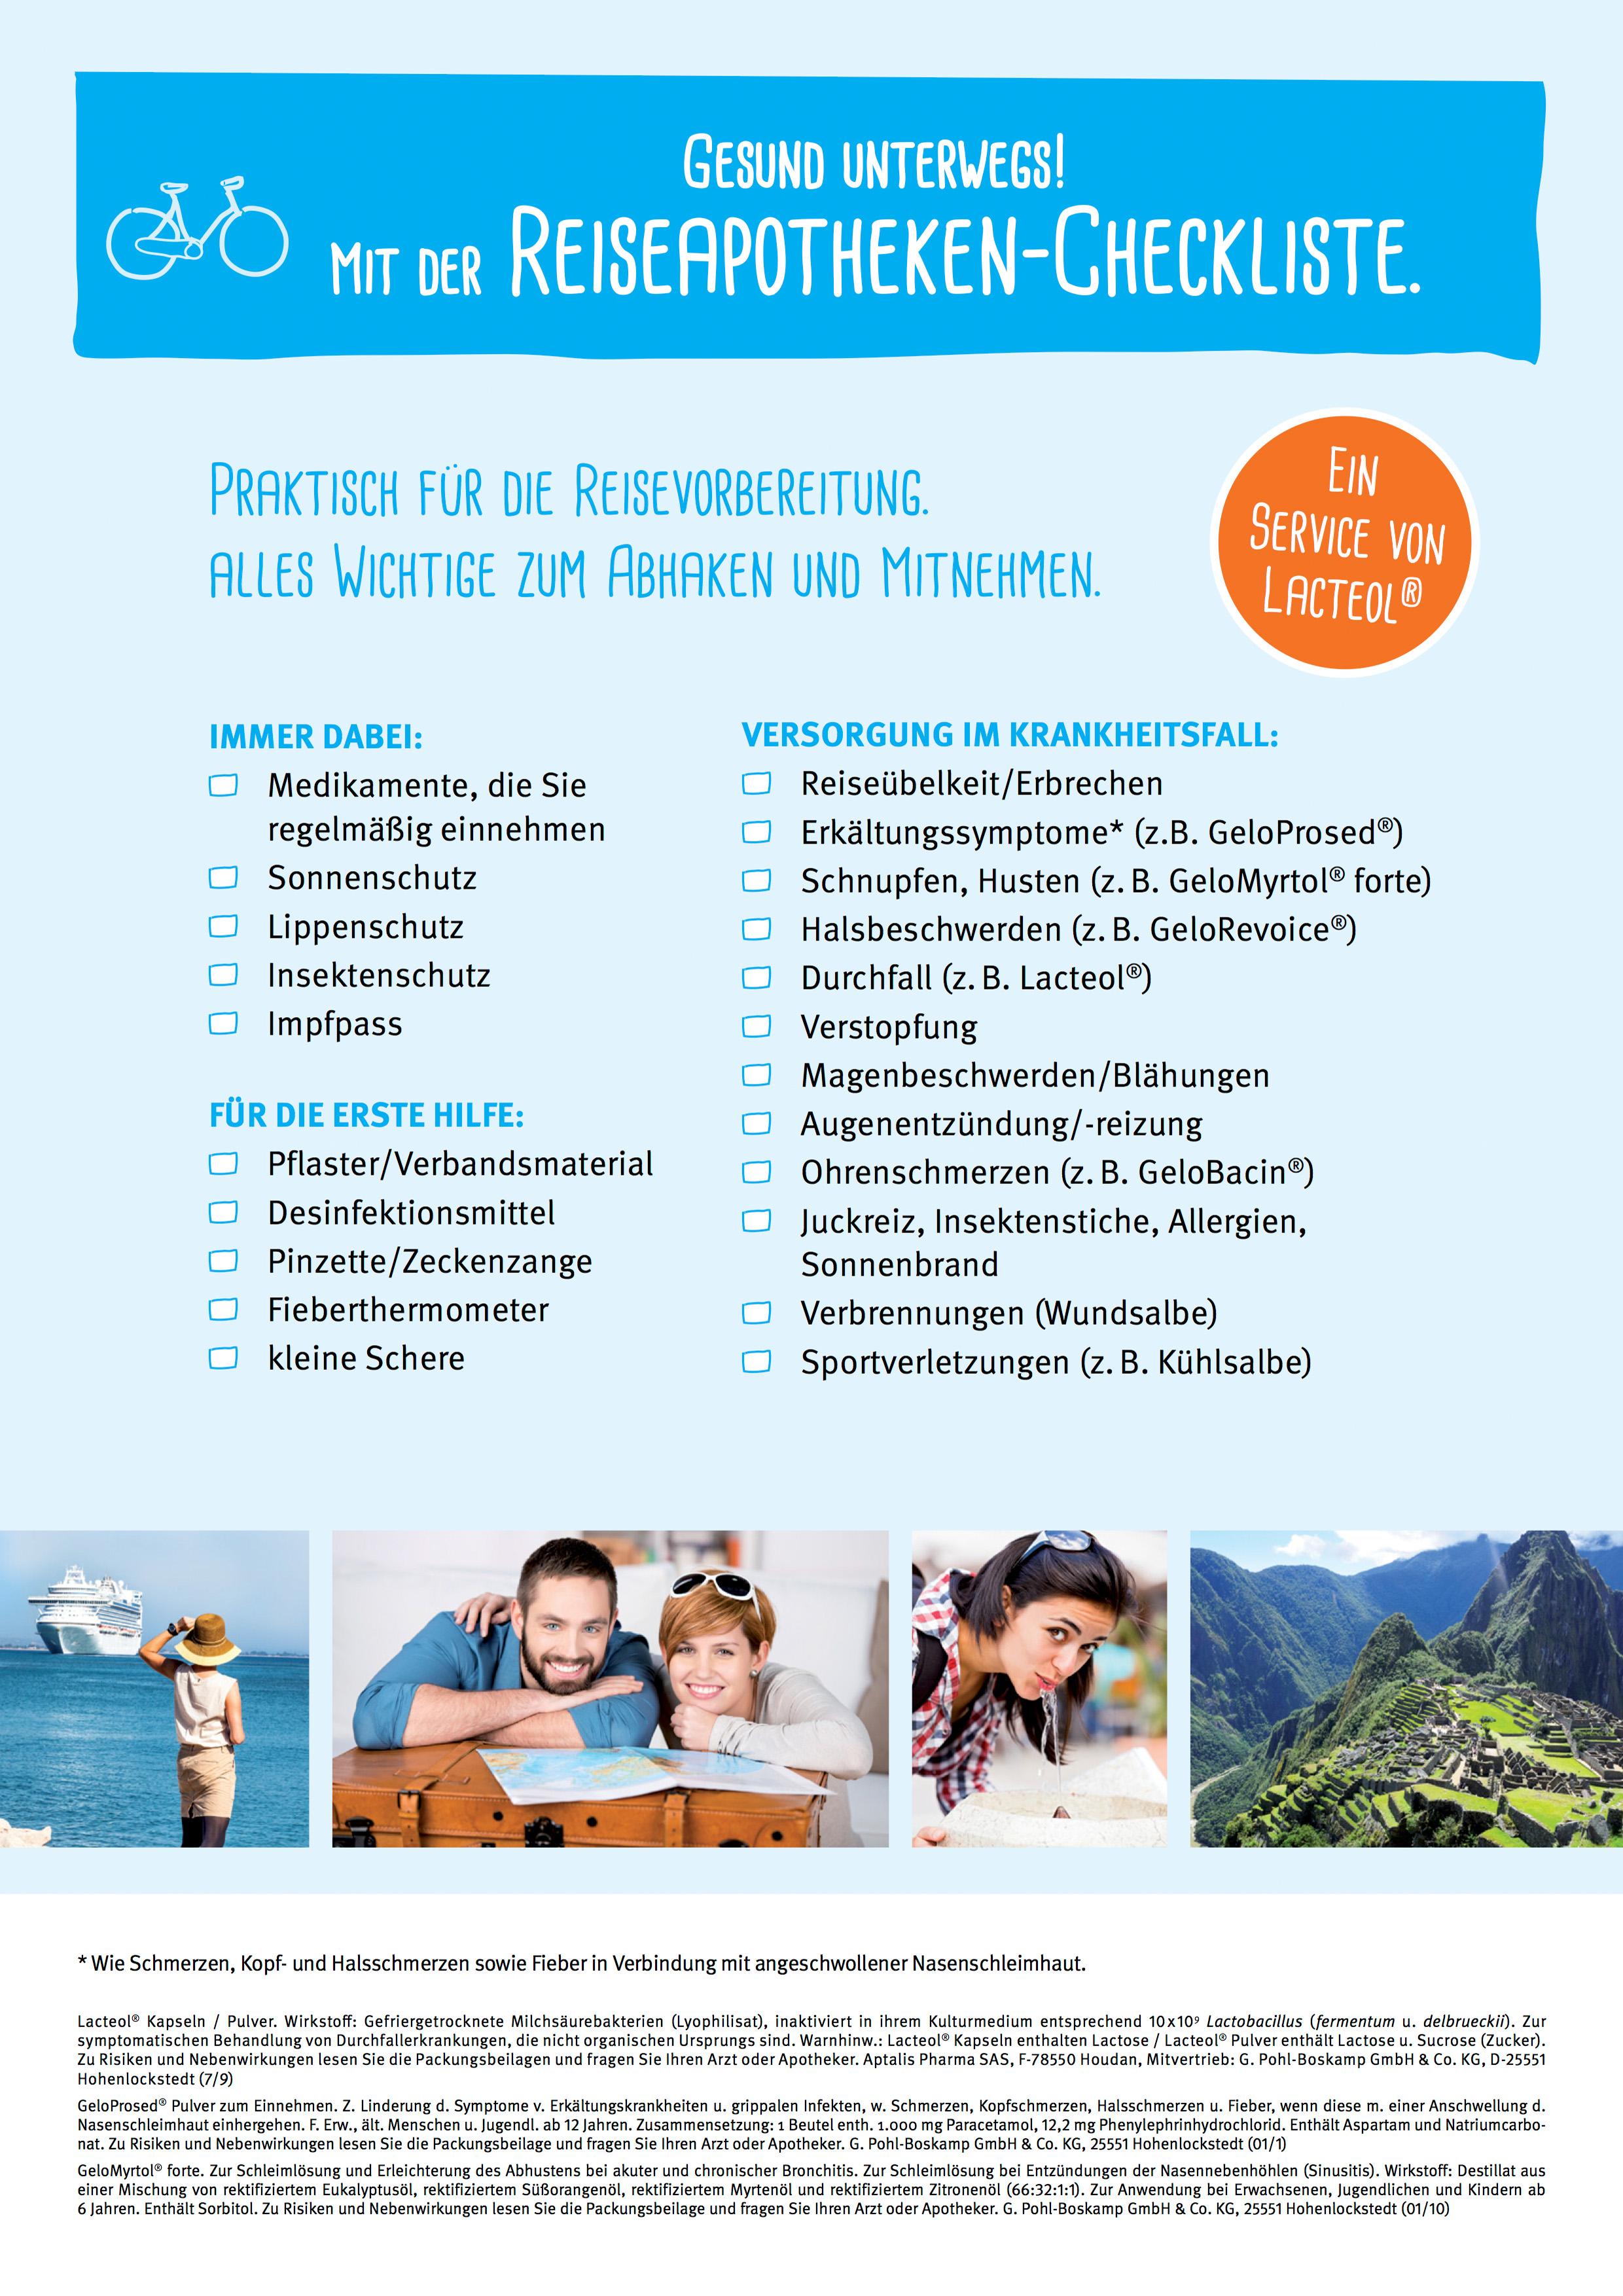 checkliste-reiseapotheke-lacteol